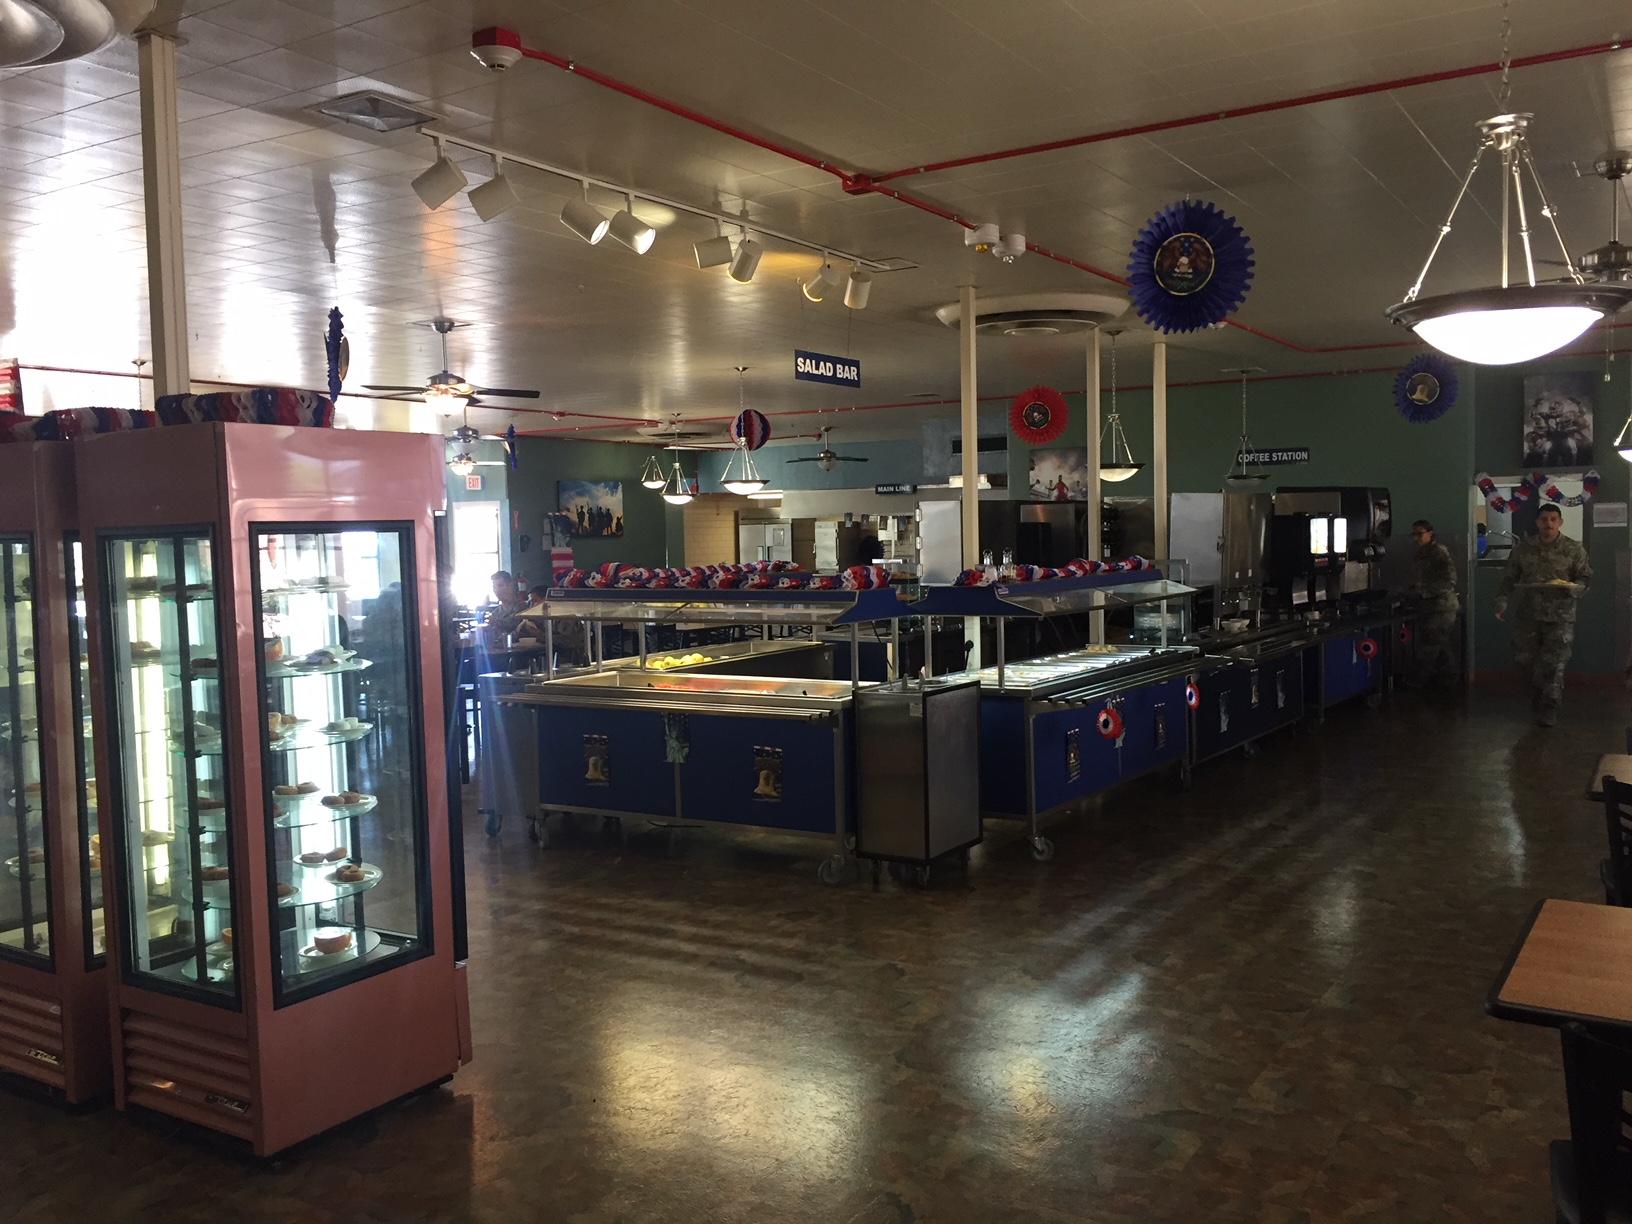 salad-bar-beverage-stations-before.jpg